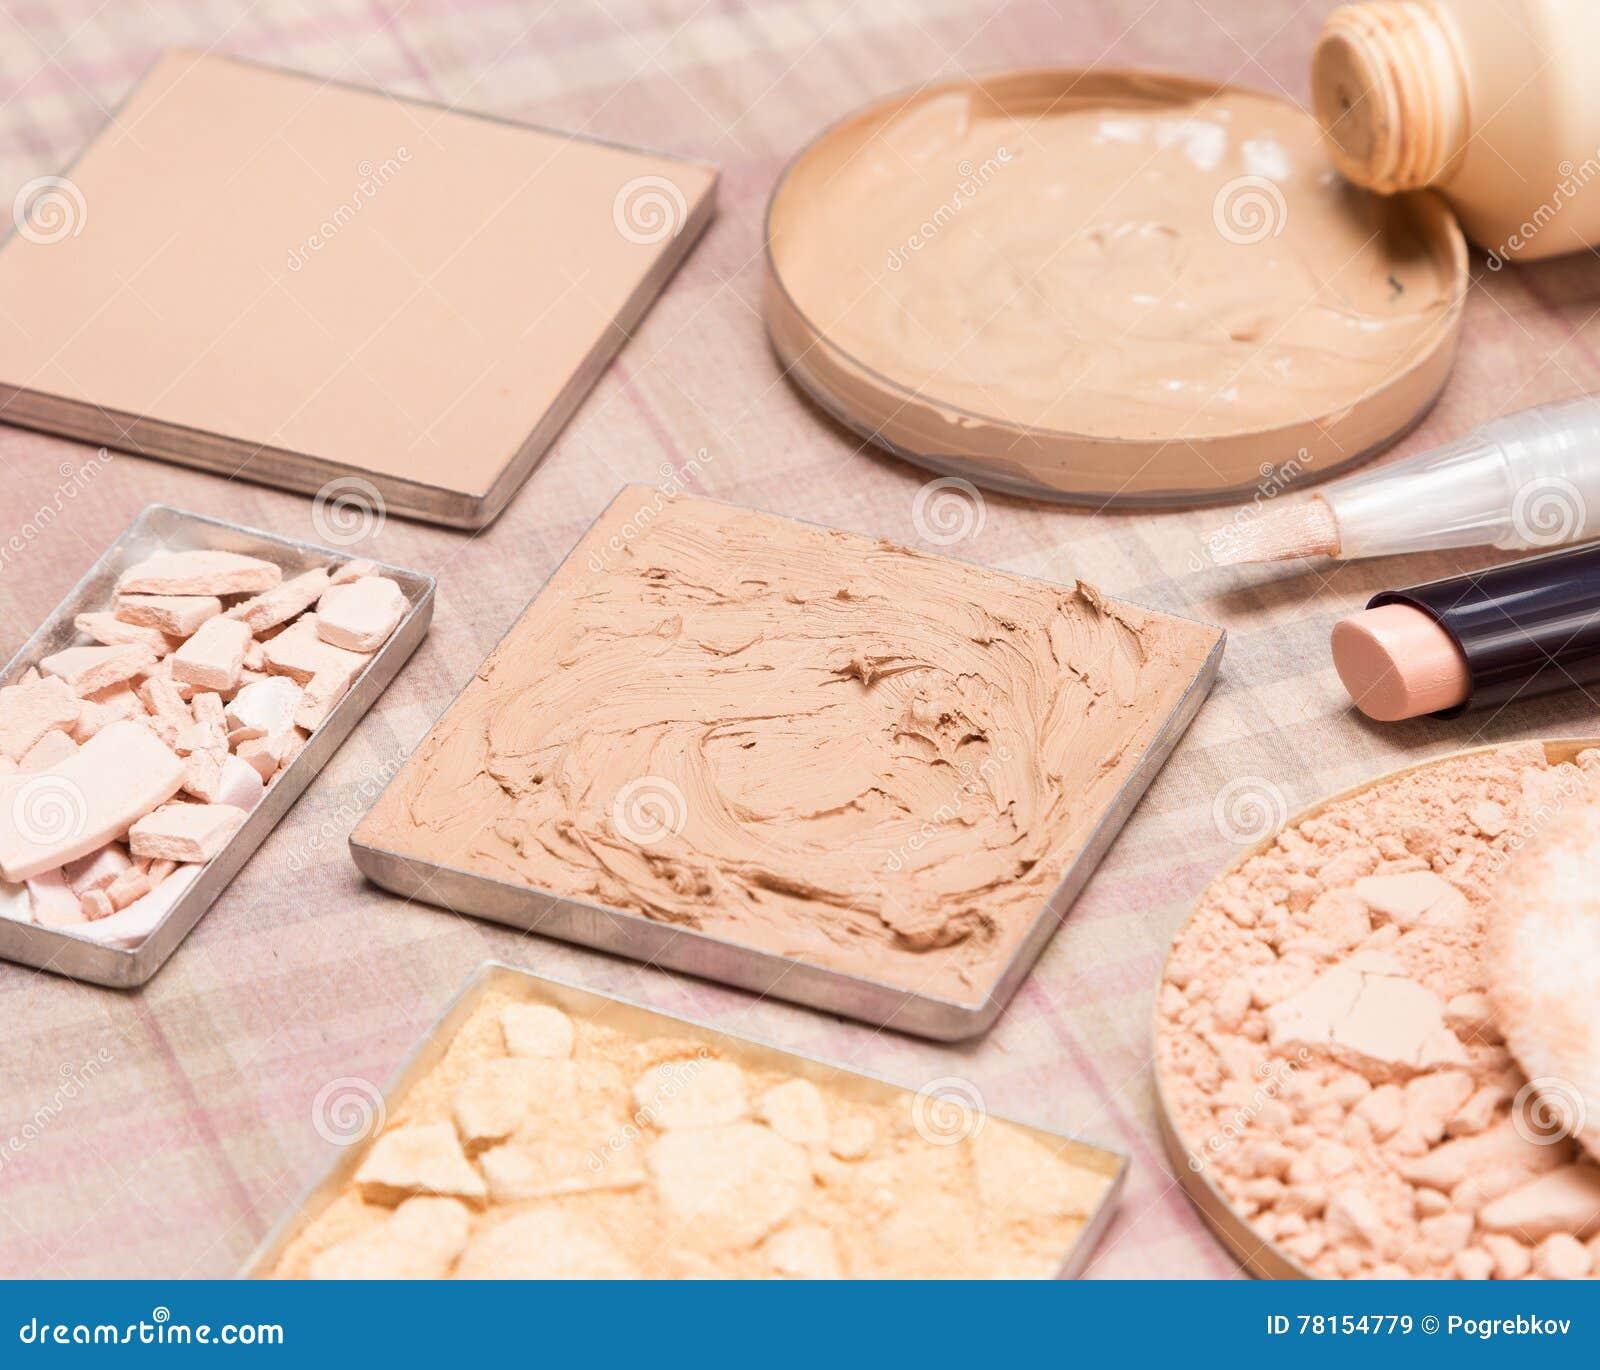 Produtos de composição básicos para criar o tom de pele bonito